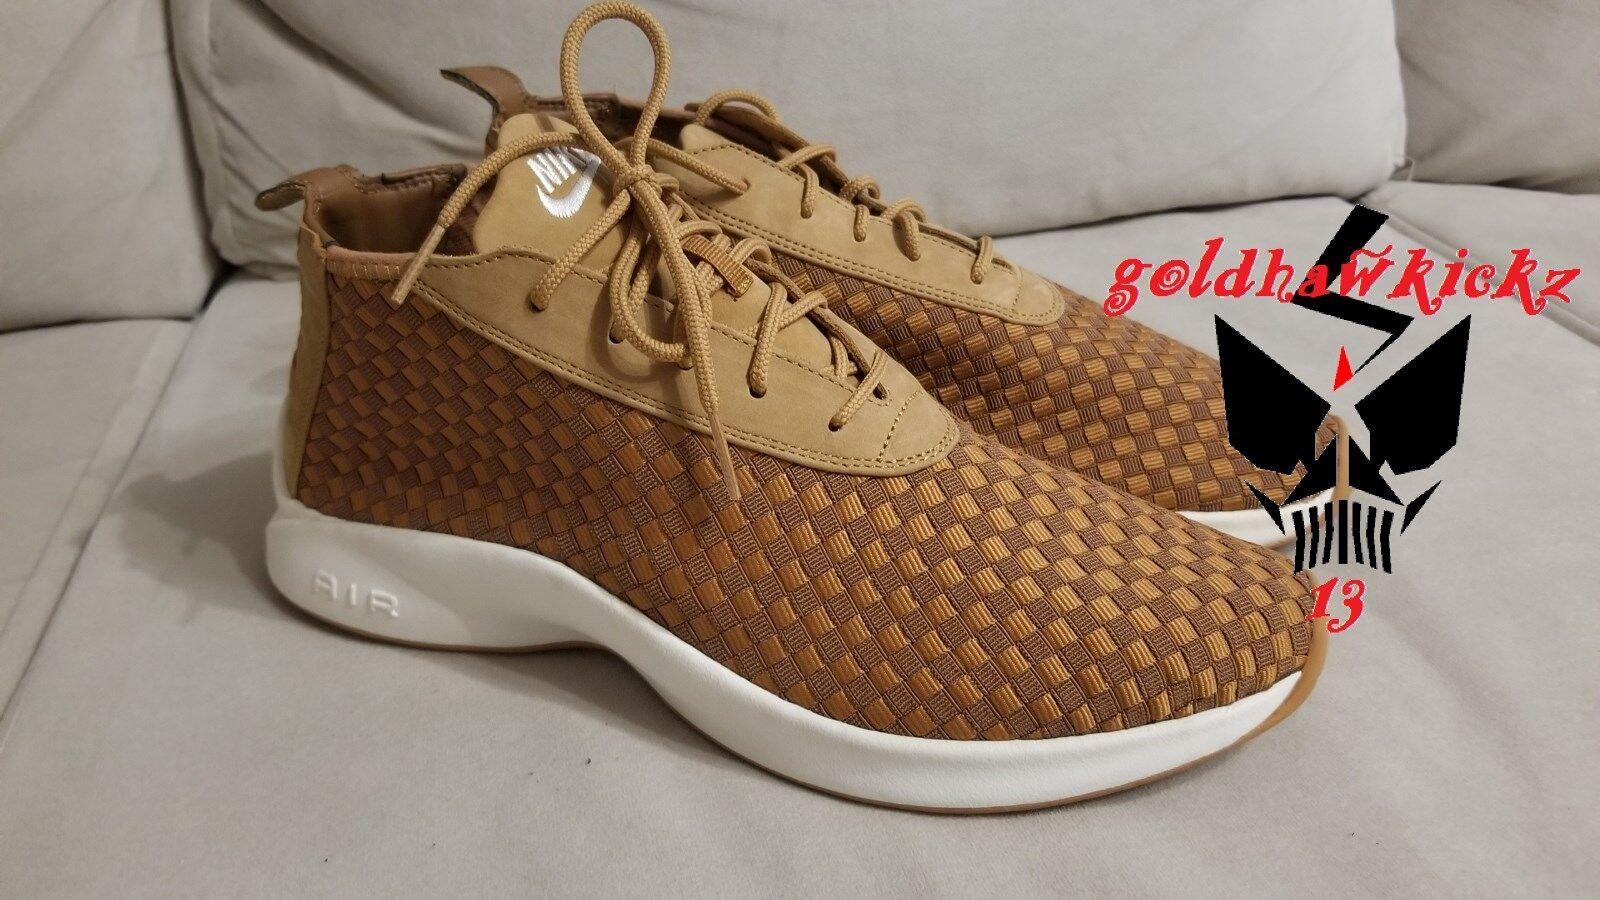 Nike air woven boot 924463 200 flax ale brown sail gum med brown HTM nikelab